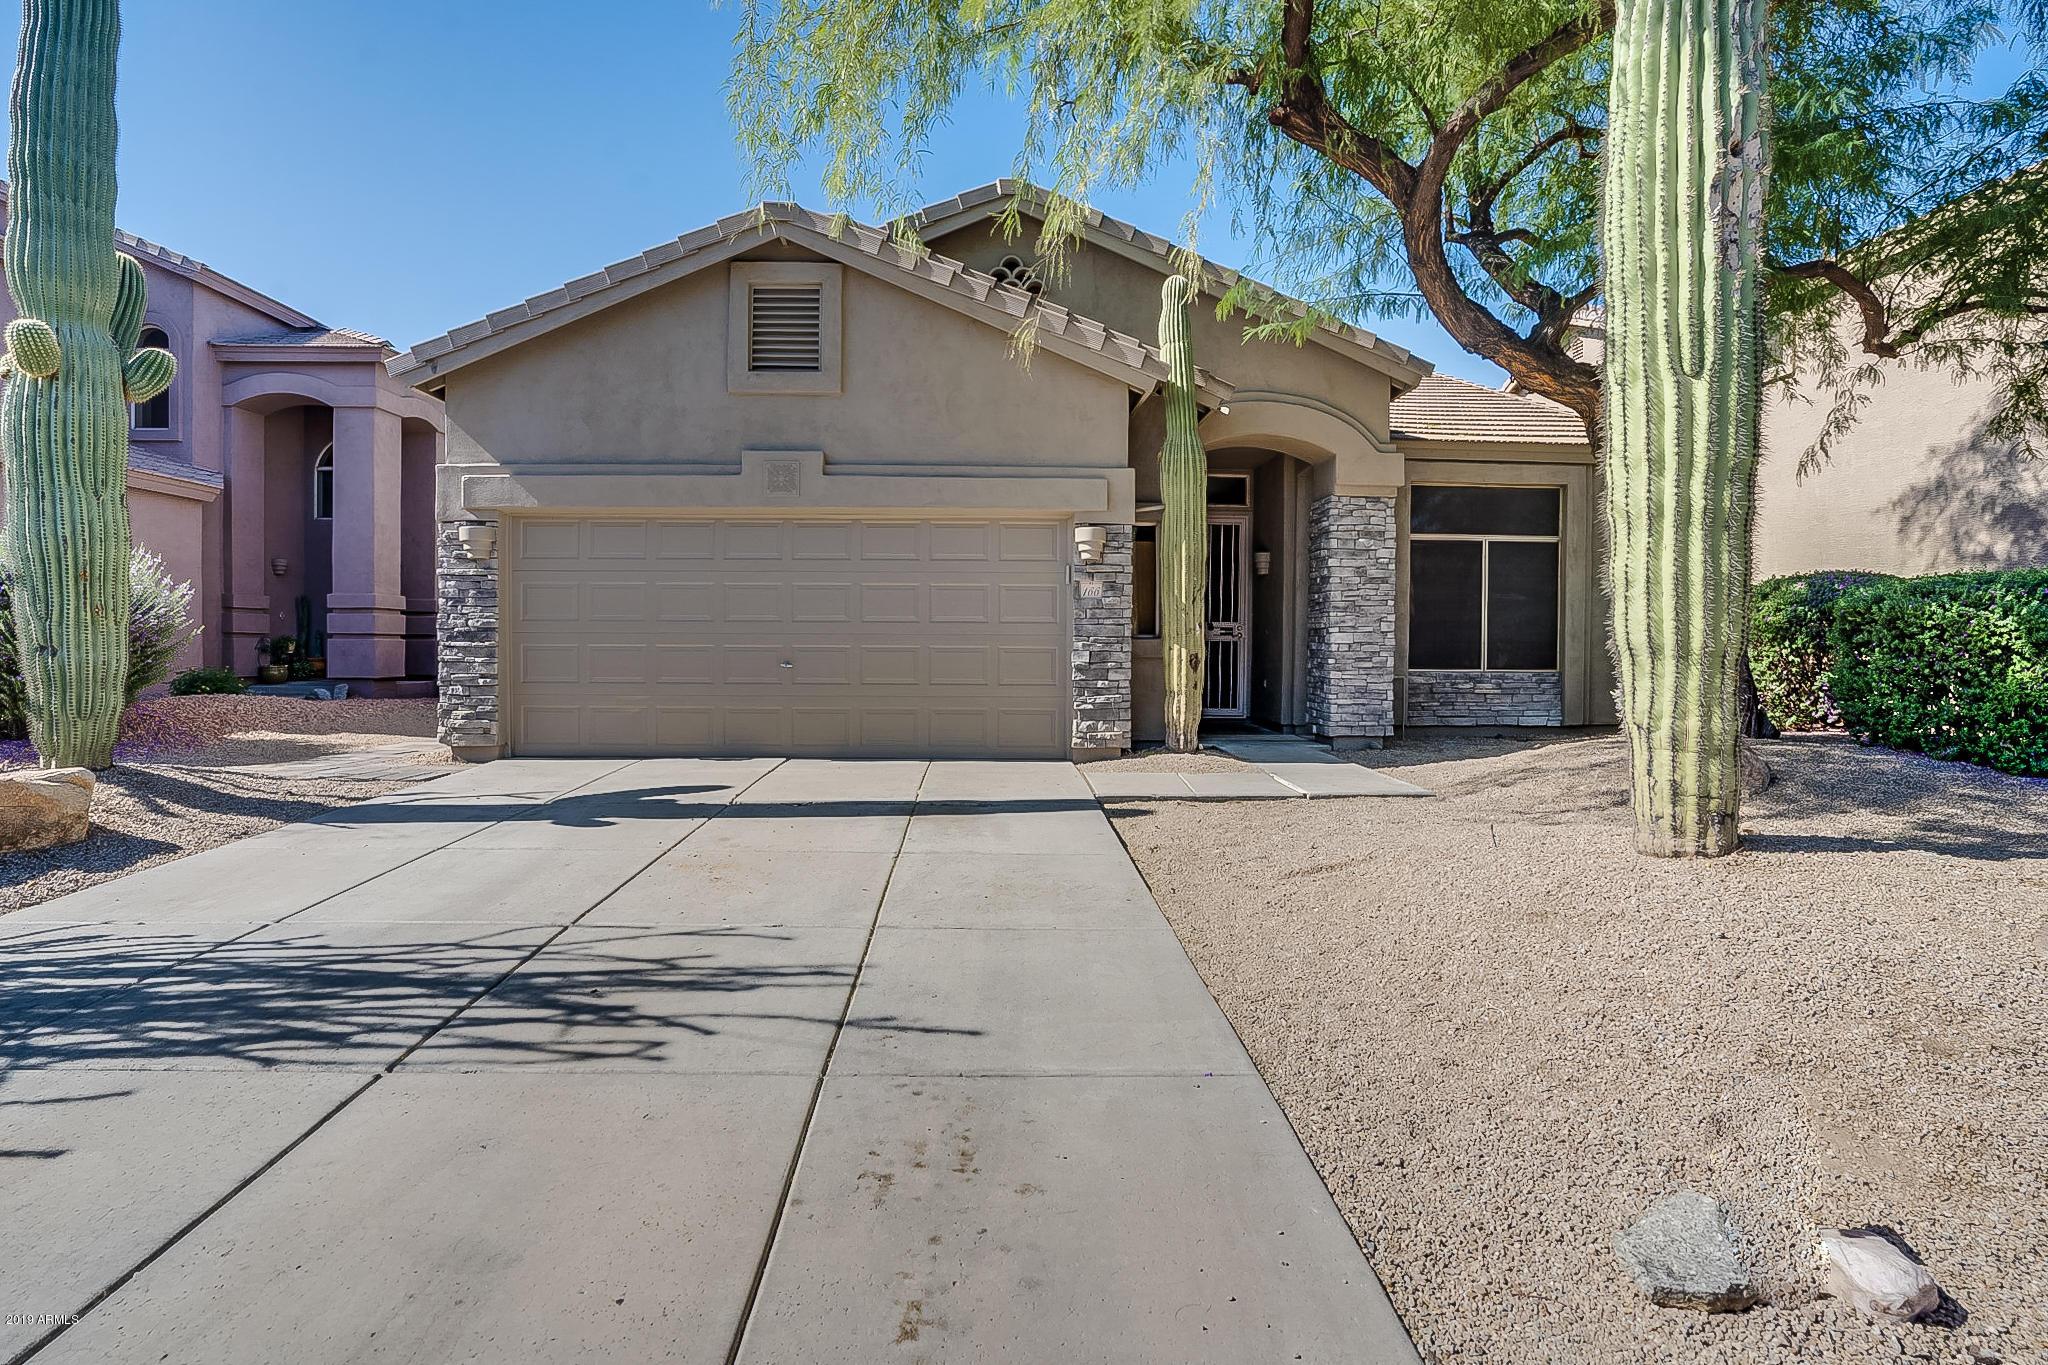 Photo of 3055 N RED MOUNTAIN -- #166, Mesa, AZ 85207